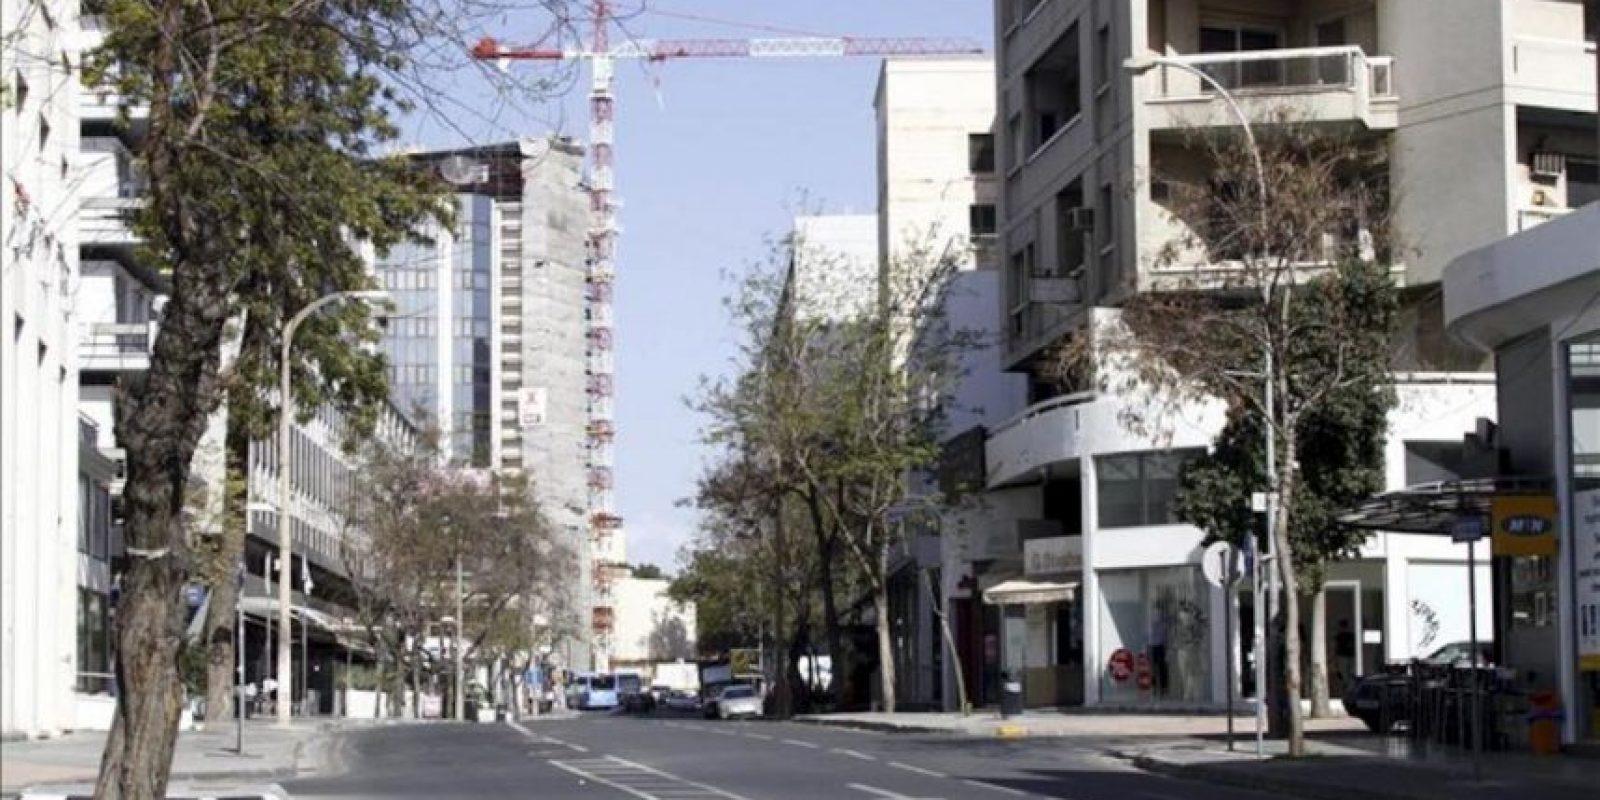 La céntrica avenida Nicosia amanece desierta hoy en Nicosia, Chipre. Los chipriotas esperan la apertura de los bancos a primera hora de mañana, aunque con calma puesto que deducen que los movimientos de capital estarán sujetos a restricciones y dudan además de que las entidades financieras estén en condiciones de operar ya el jueves. EFE